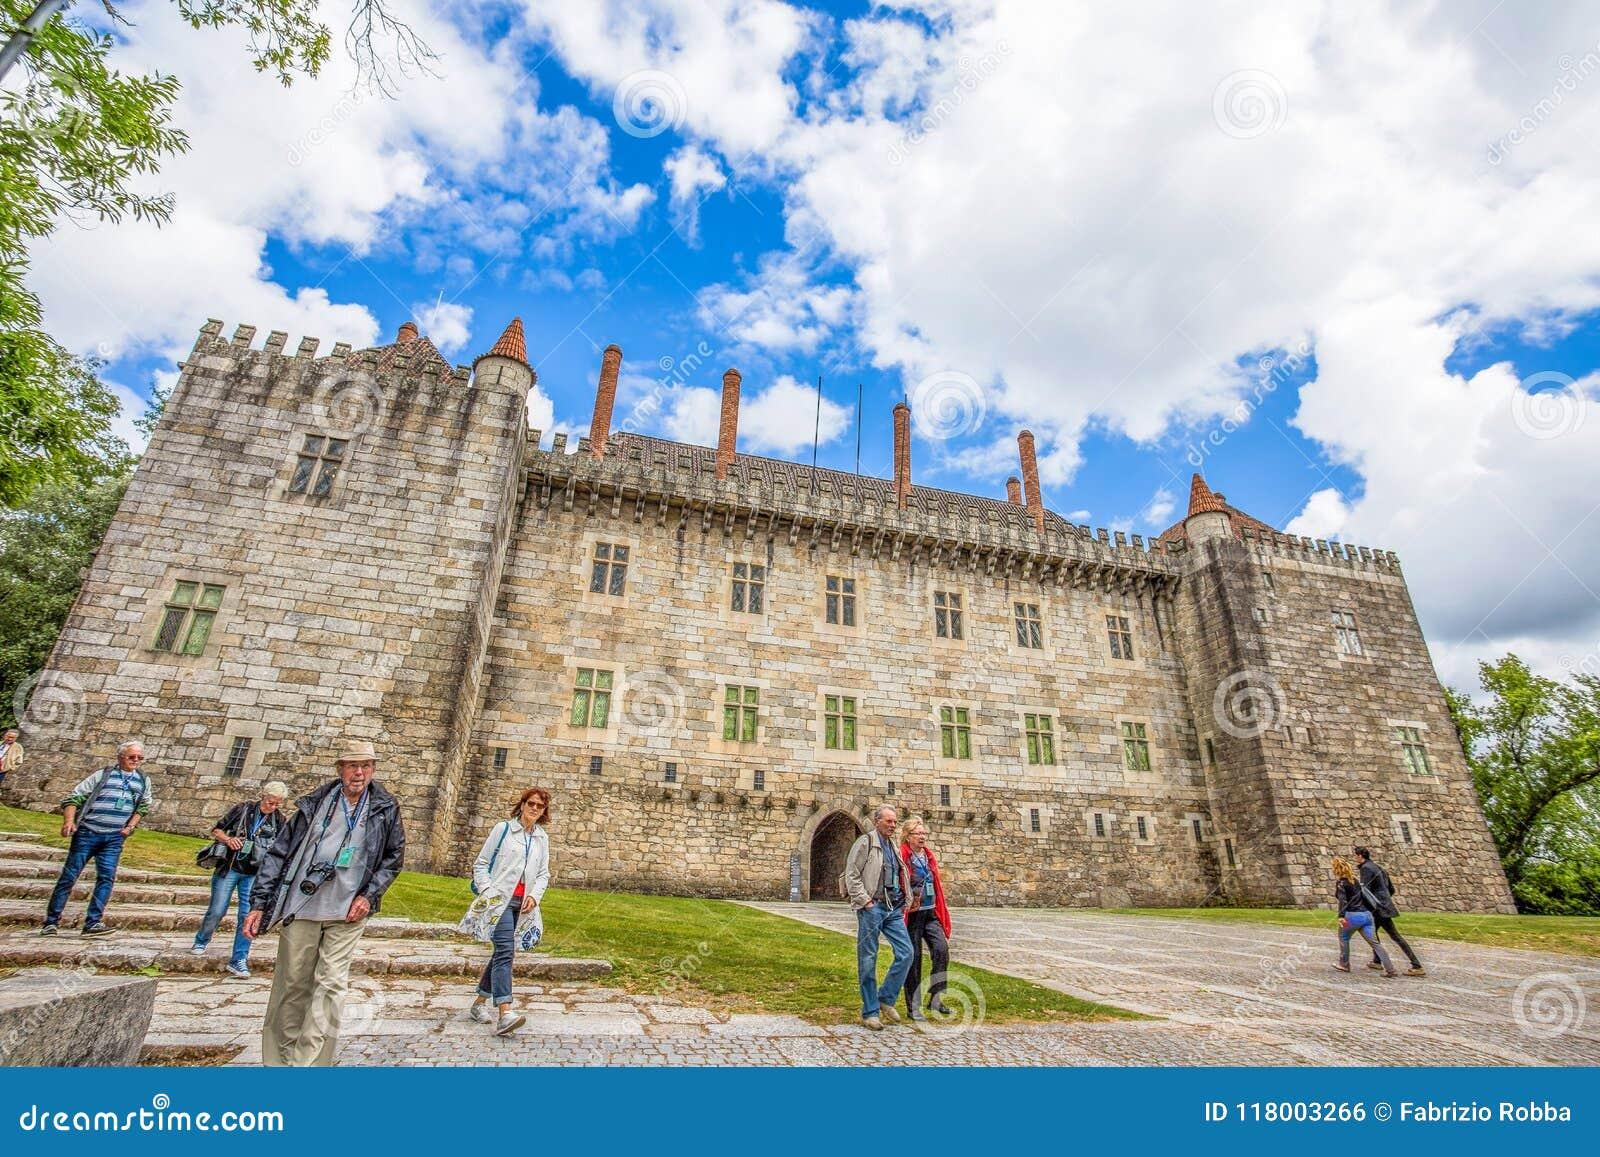 Castello di Guimaraes a distretto di Guimaraes, Braga, Portogallo È uno di più vecchi castelli portoghesi Alfonso I Henriques, gl